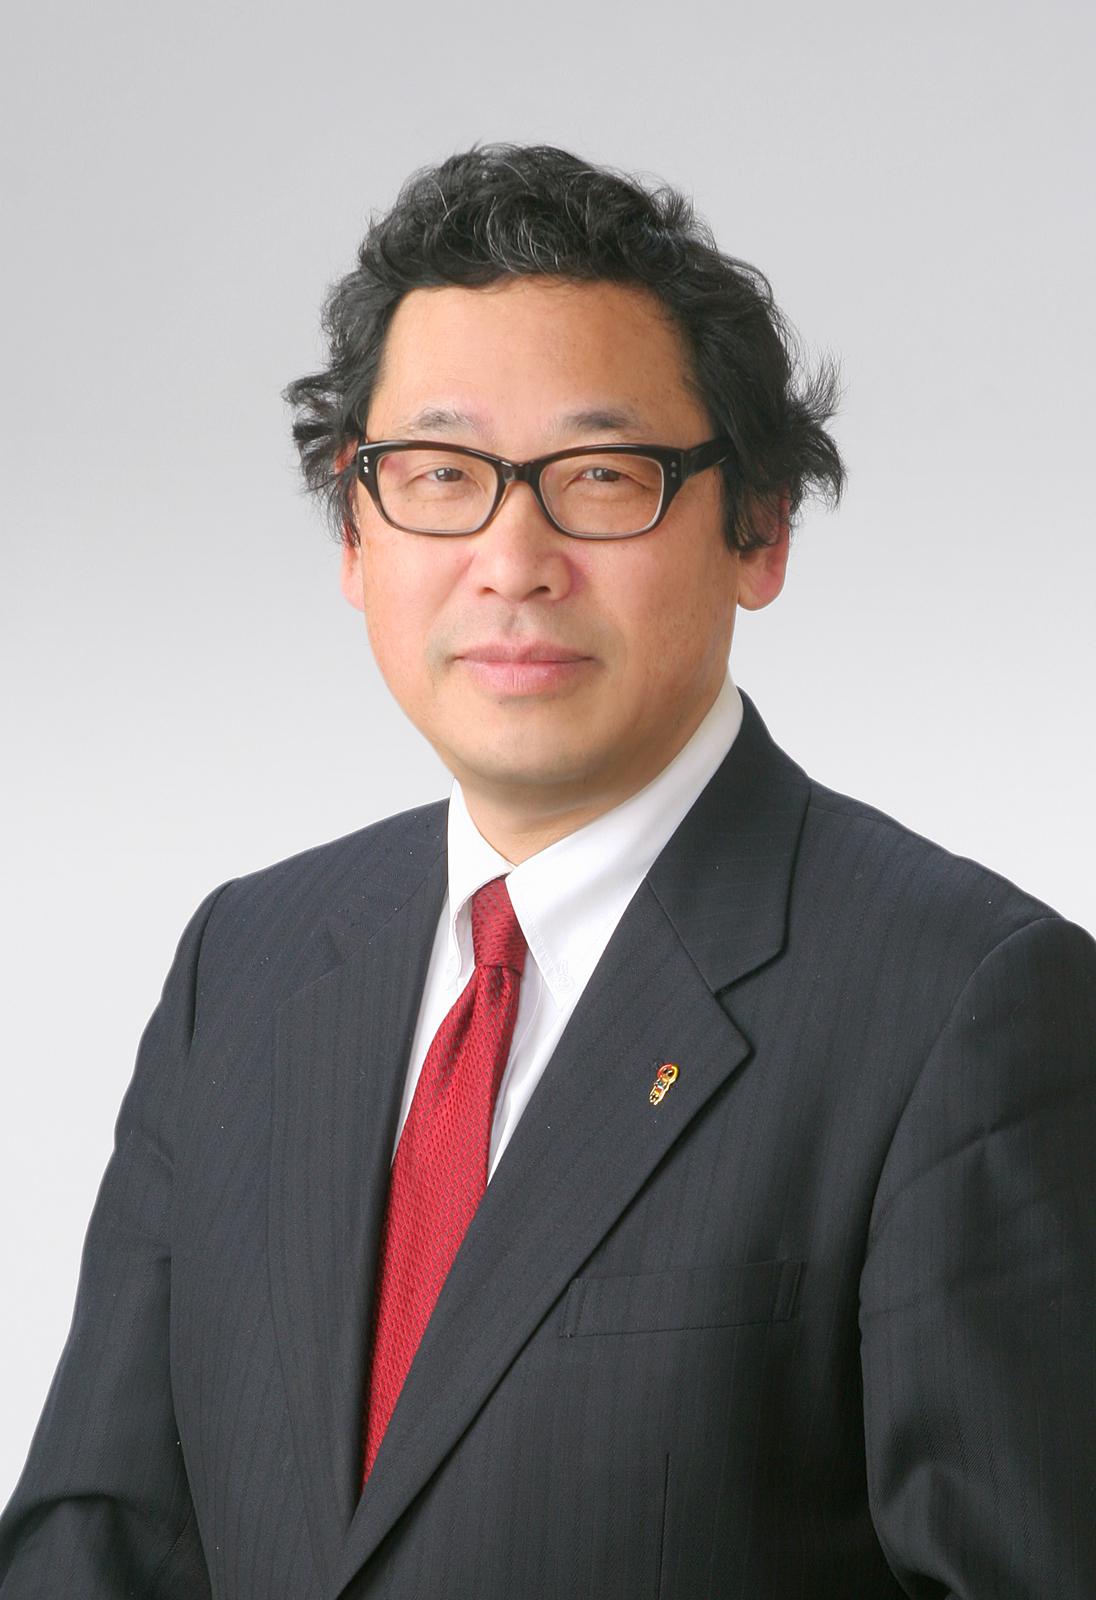 林 春男 (はやし・はるお)